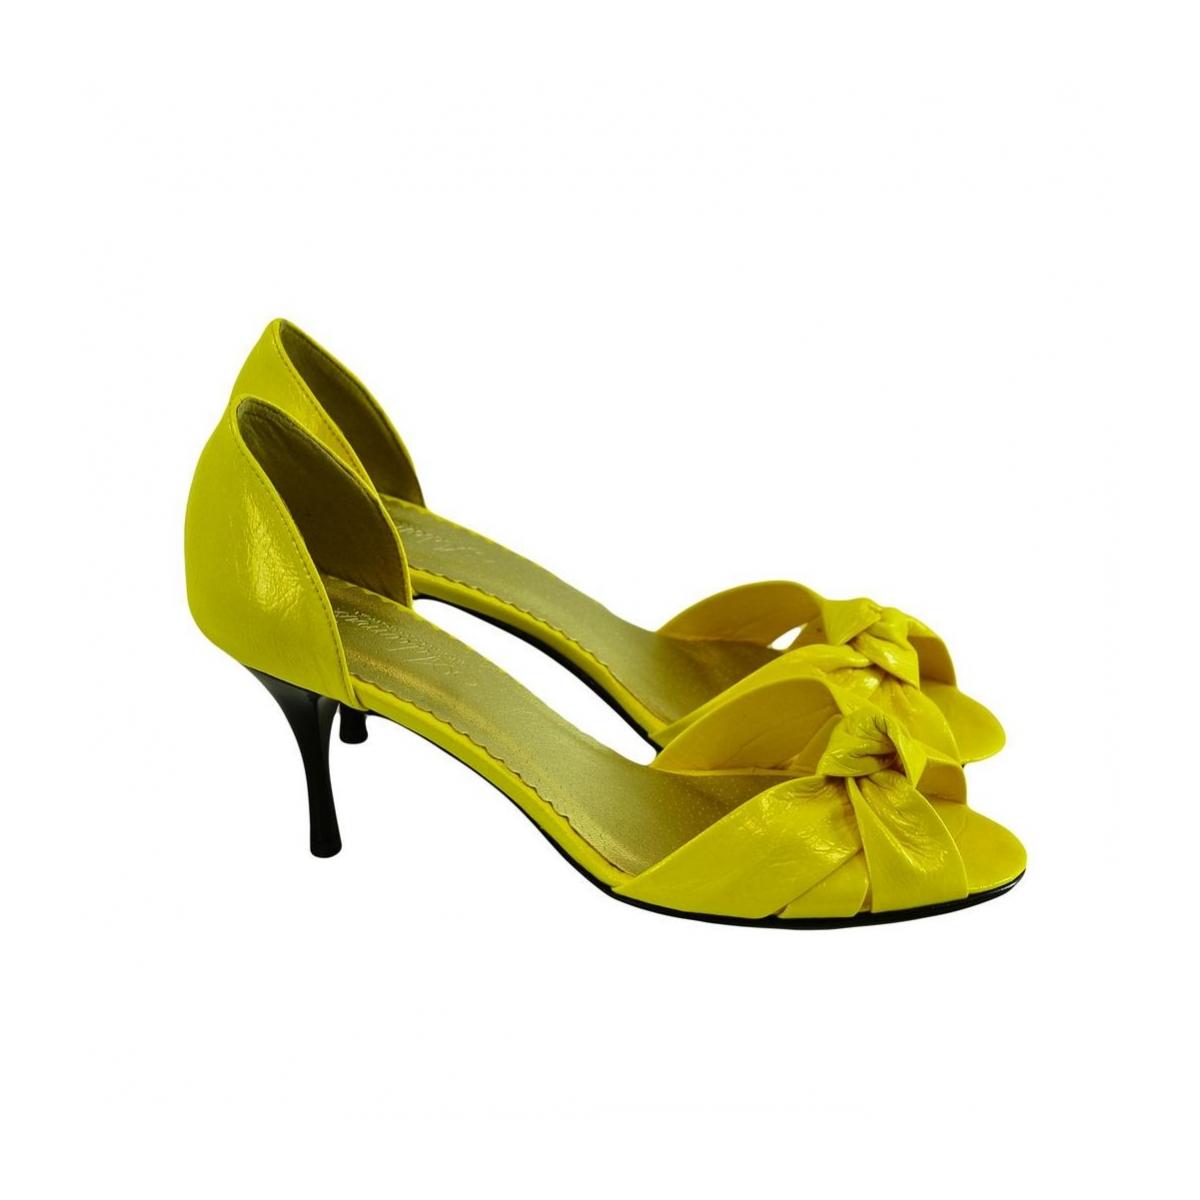 Dámske žlté kožené lodičky Conses - 3 b10b77c3fa